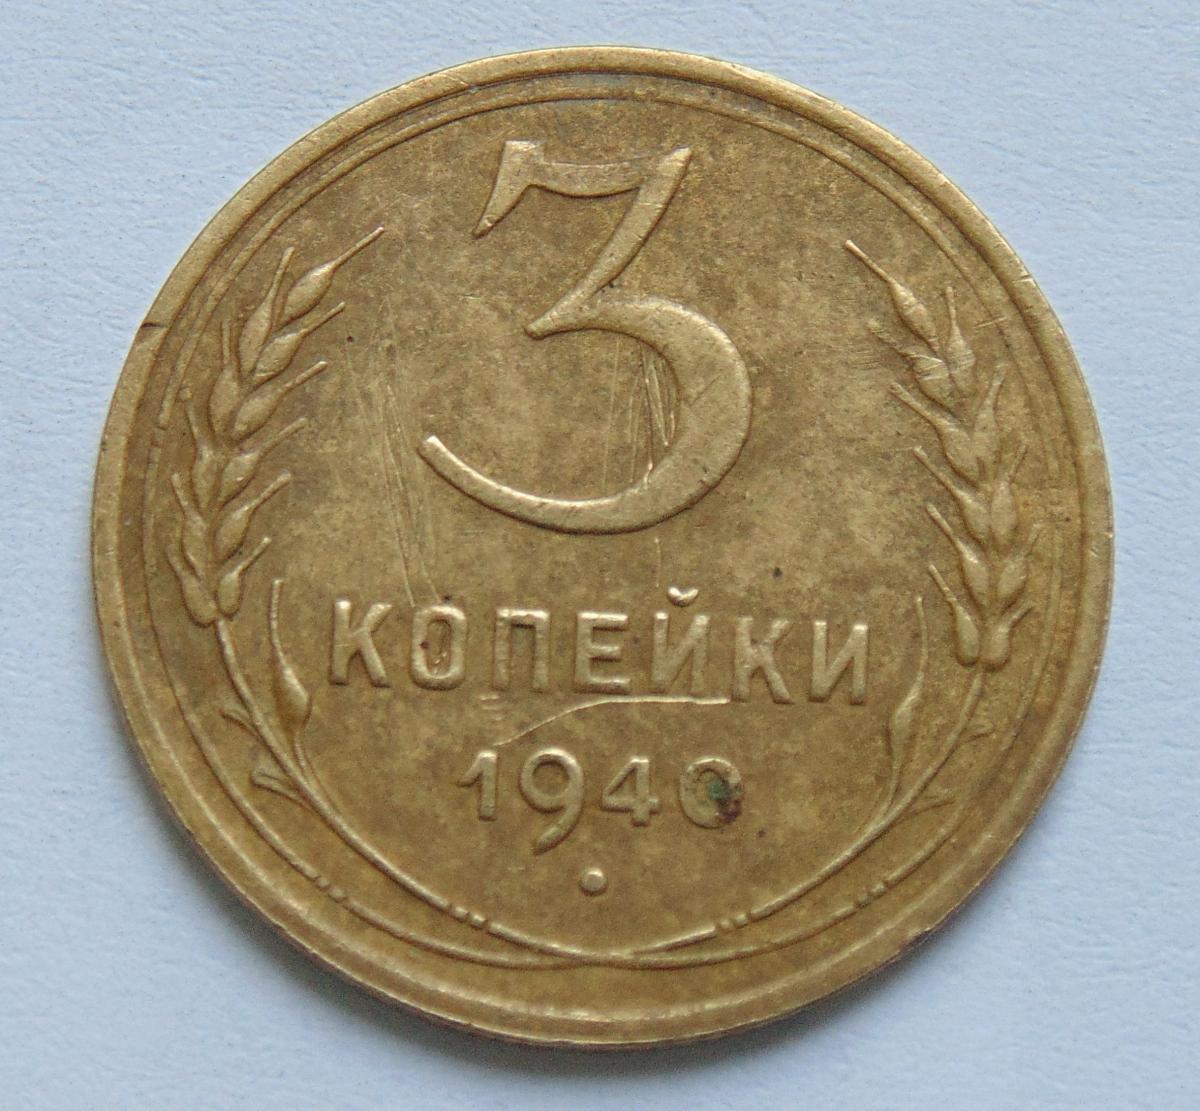 3 копейки 1940 г. Штемпель Ж